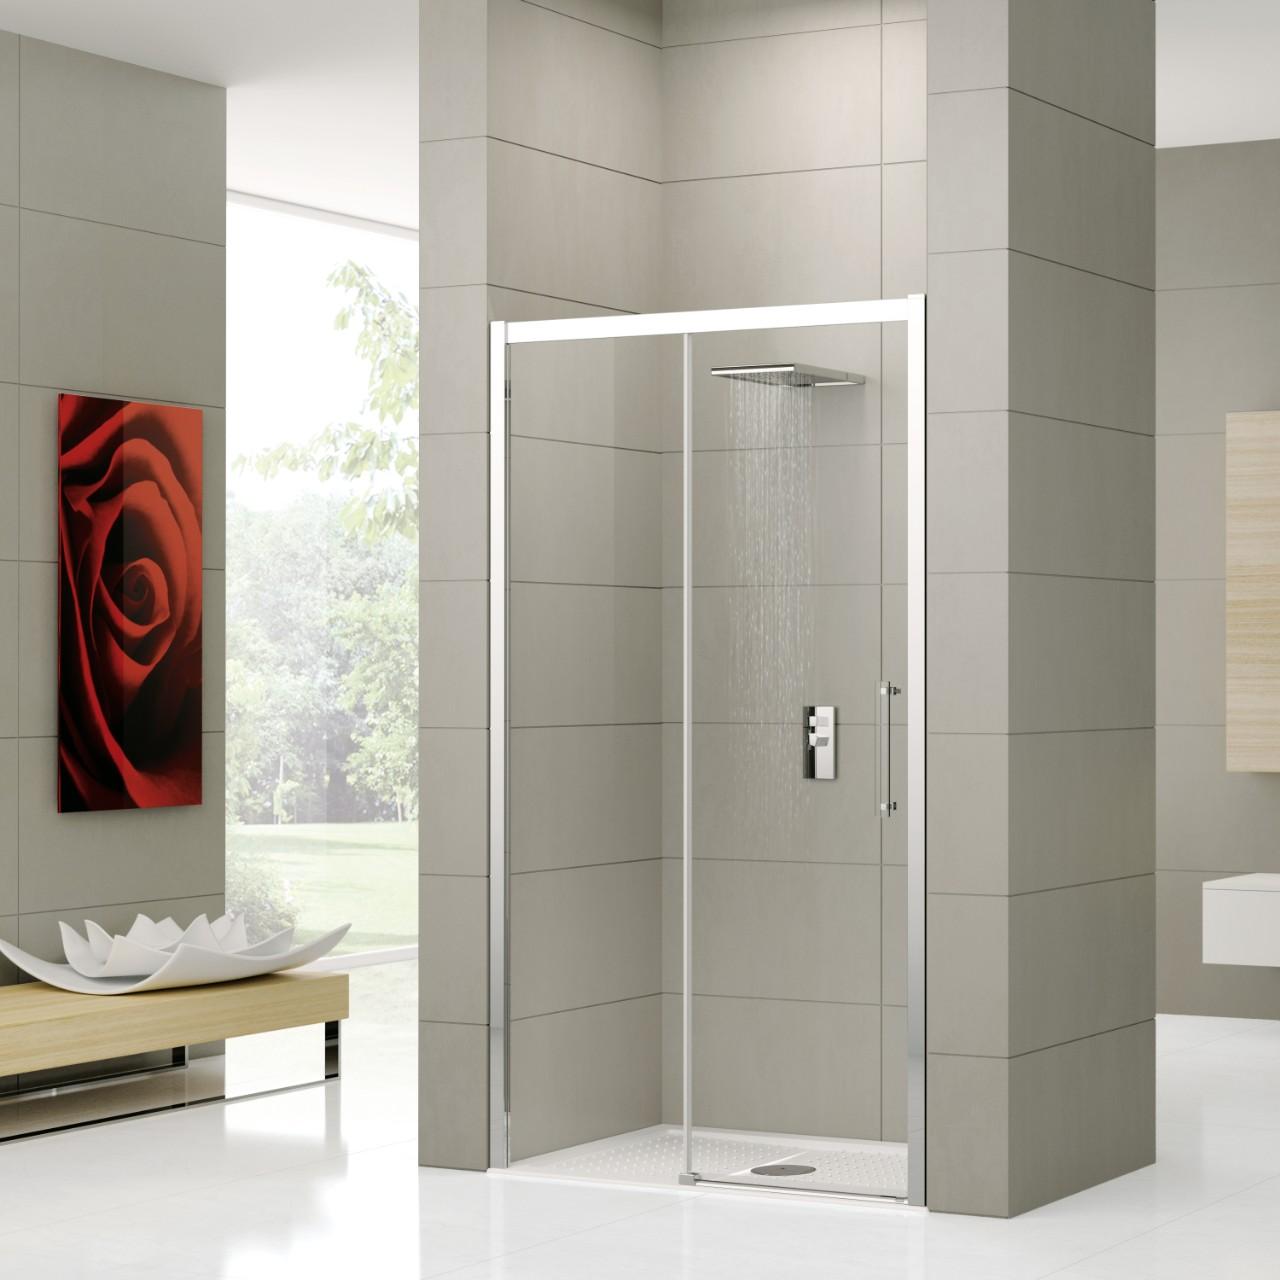 Porte de douche 60 cm trendy cm uk joint de rechange pour porte de douche paisseur with porte - Porte de douche 60 cm ...